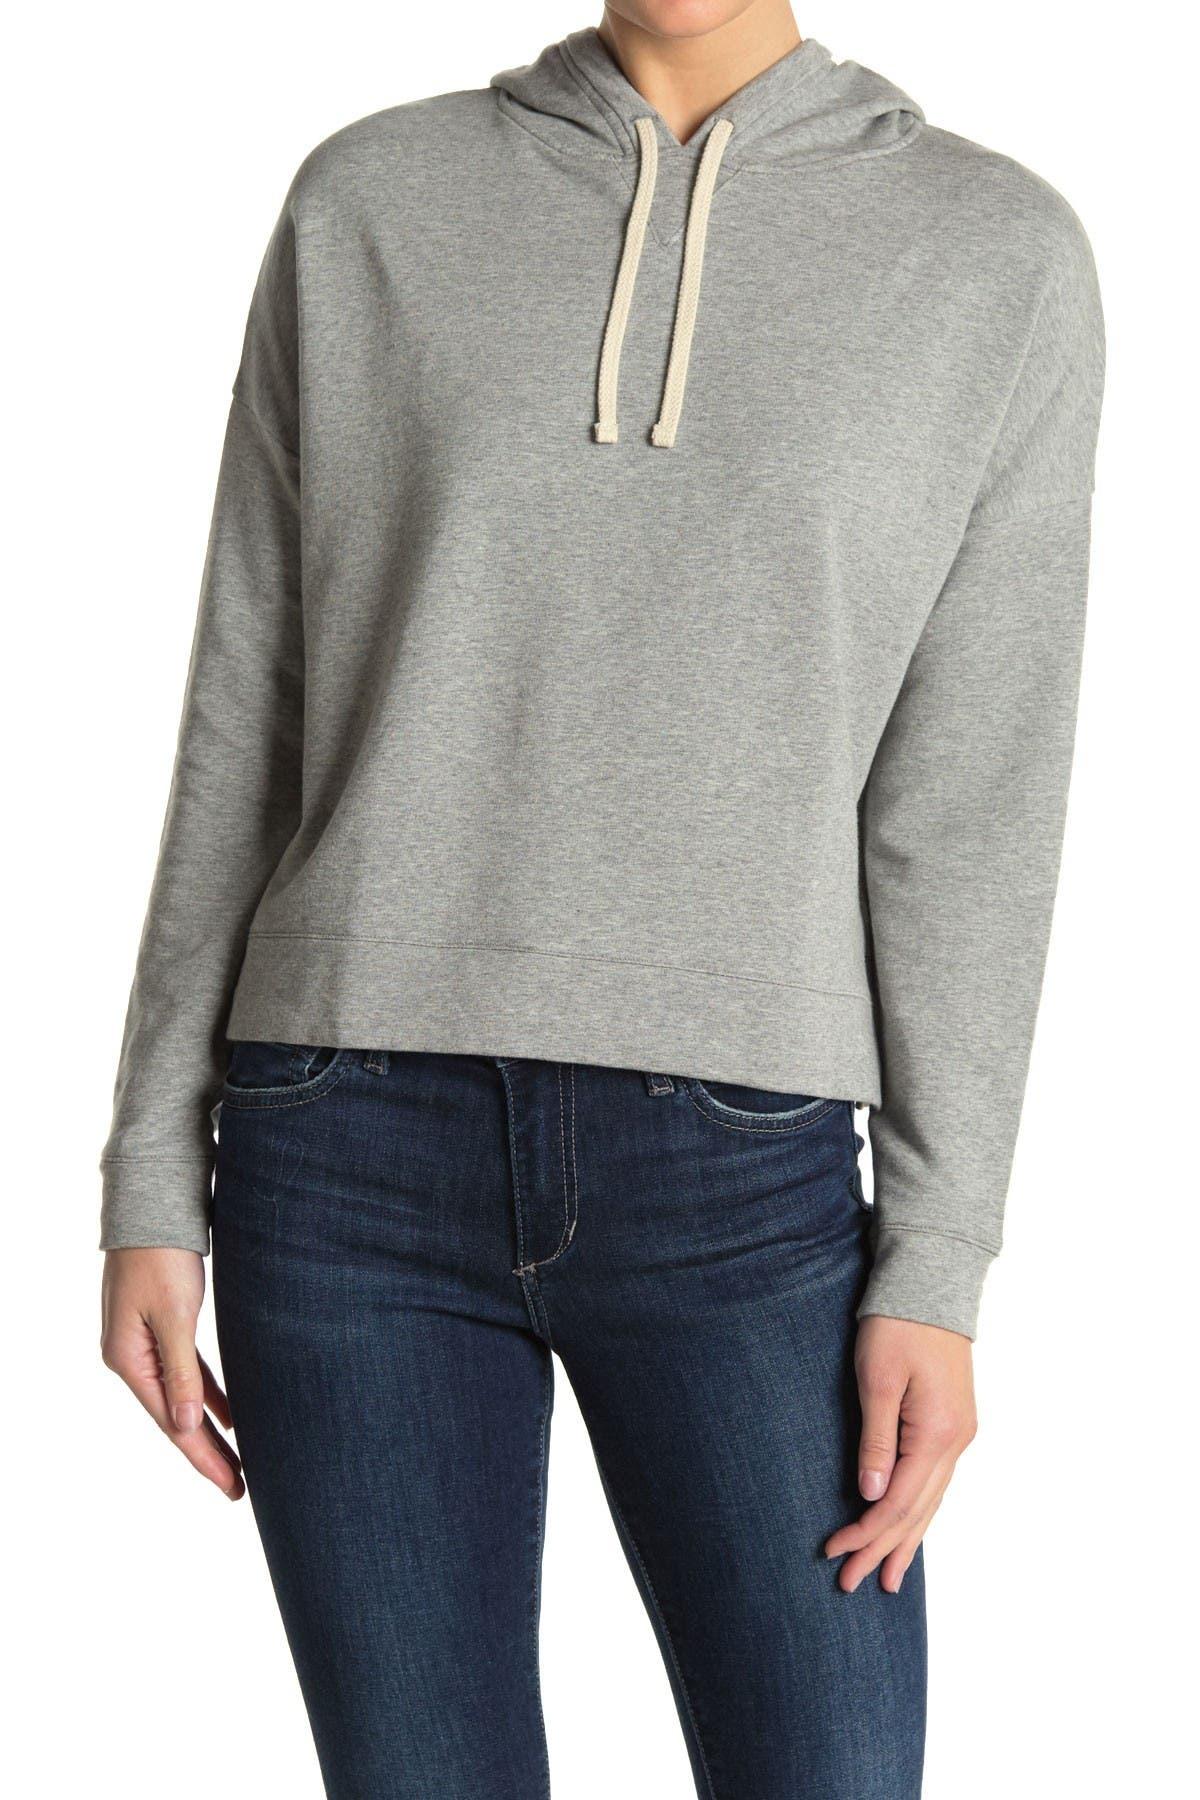 Image of Madewell Sunny Hoodie Sweatshirt